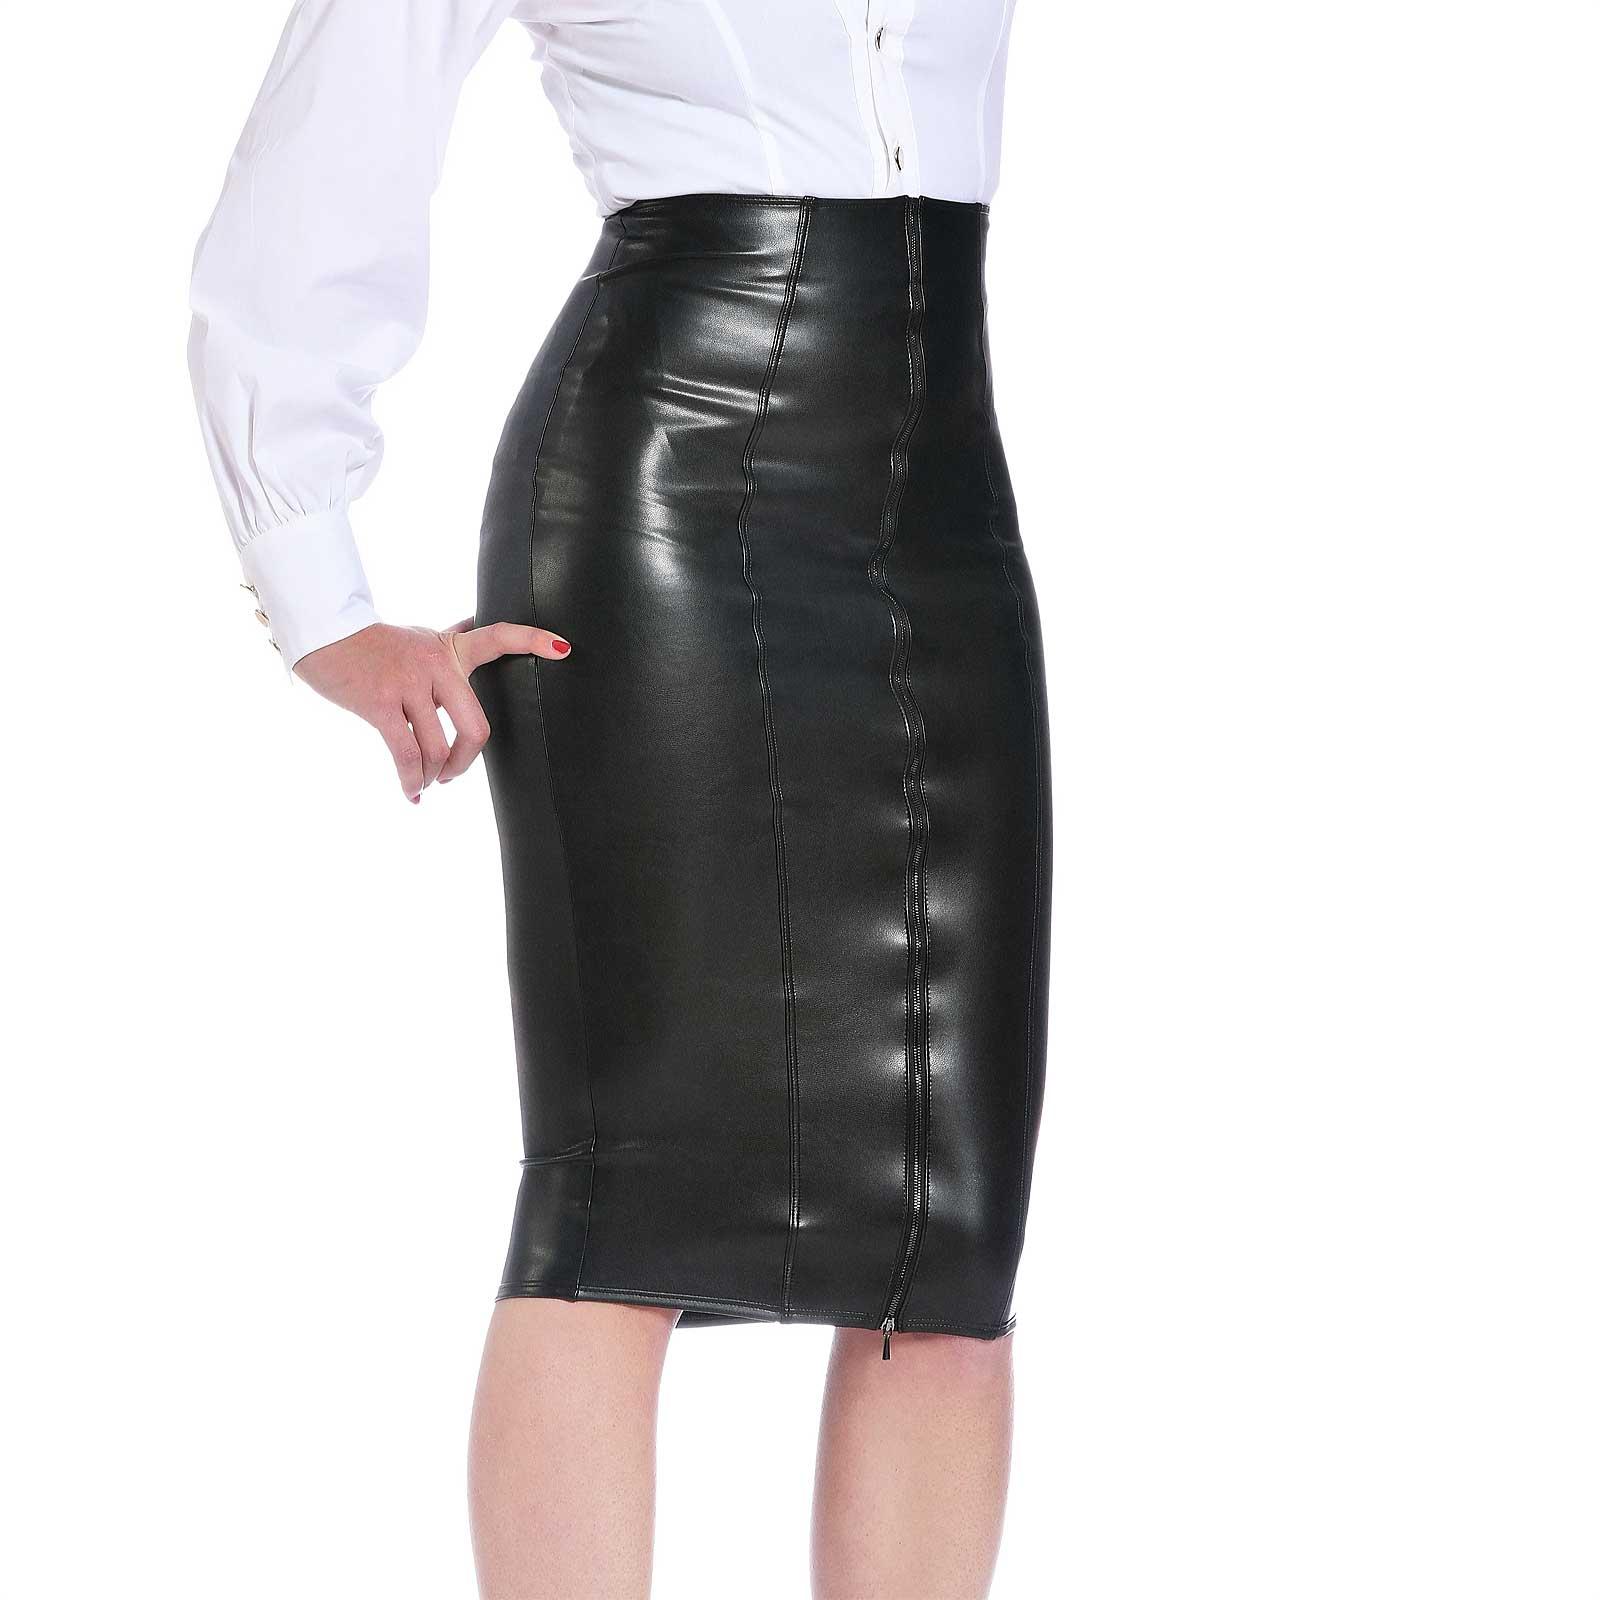 PATRICE CATANZARO Ornella Leather Pencil Skirt